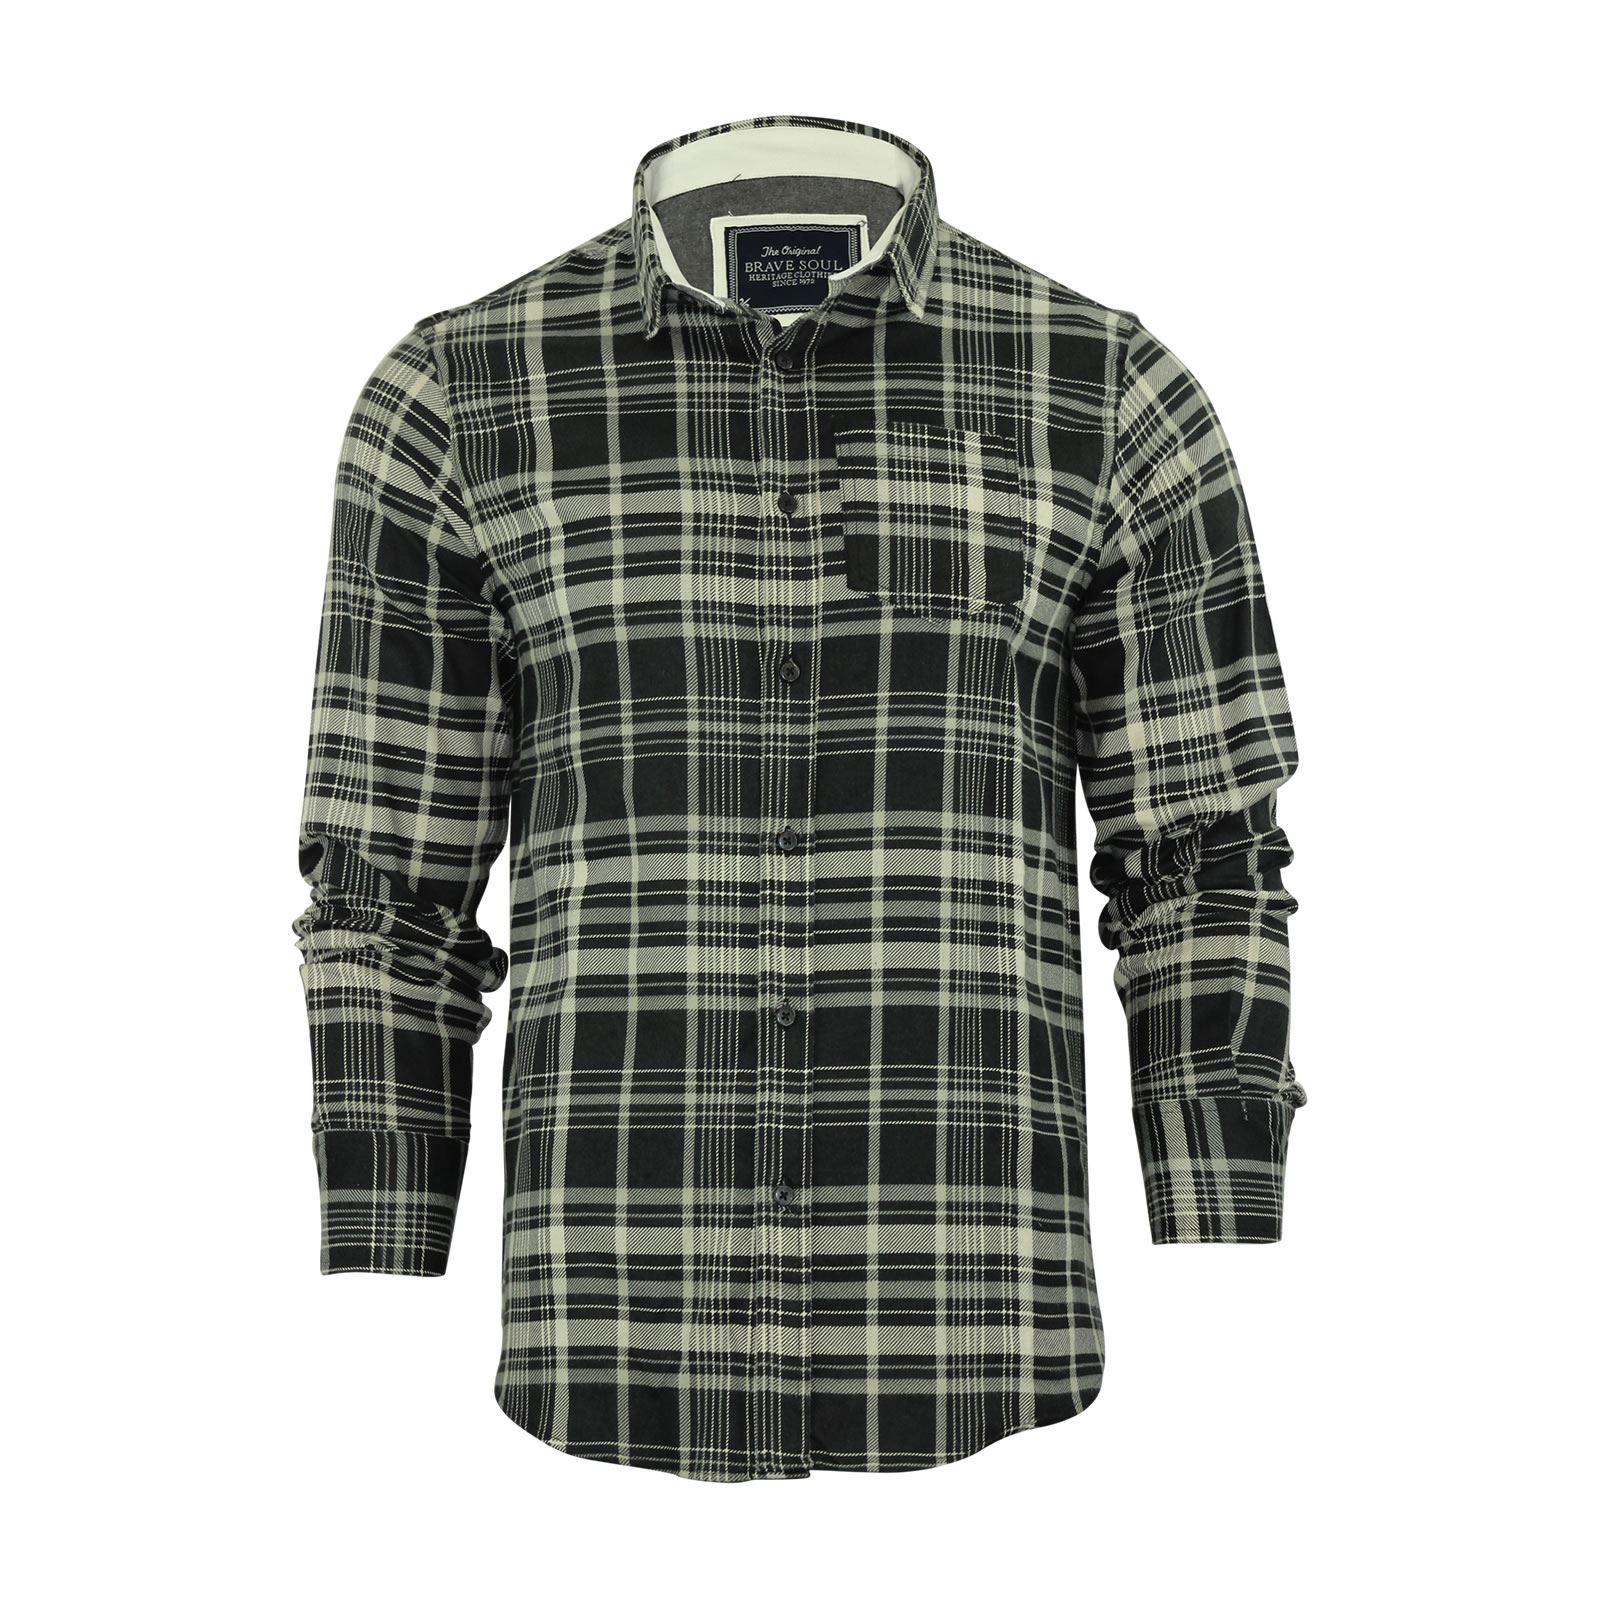 Alma-VALIENTE-HOMBRE-compruebe-Camisa-Algodon-Cepillado-De-Franela-Top-Manga-Larga-Casual miniatura 91